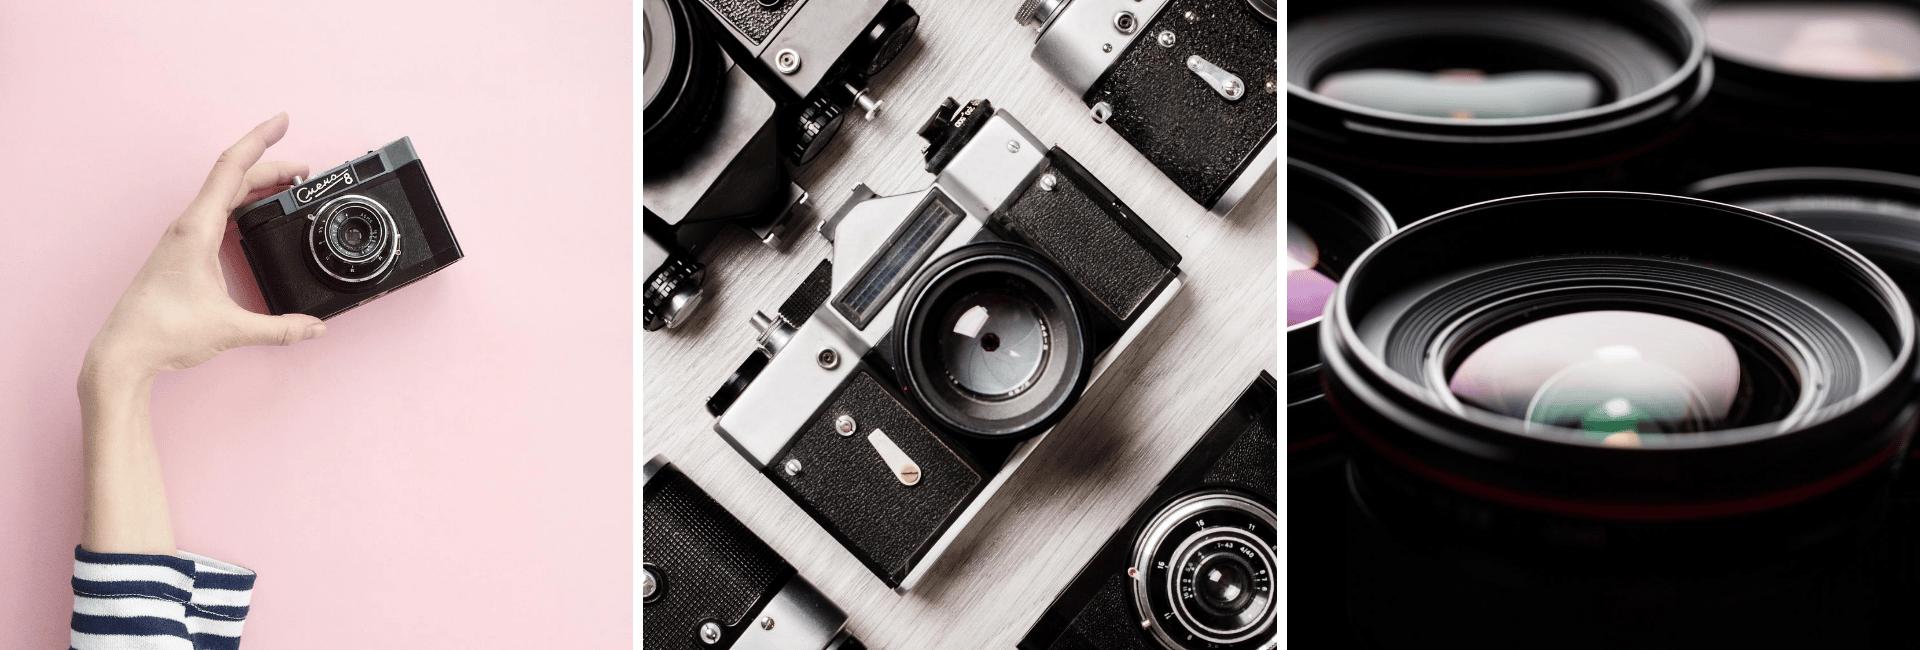 Quel cadeau pour un photographe?